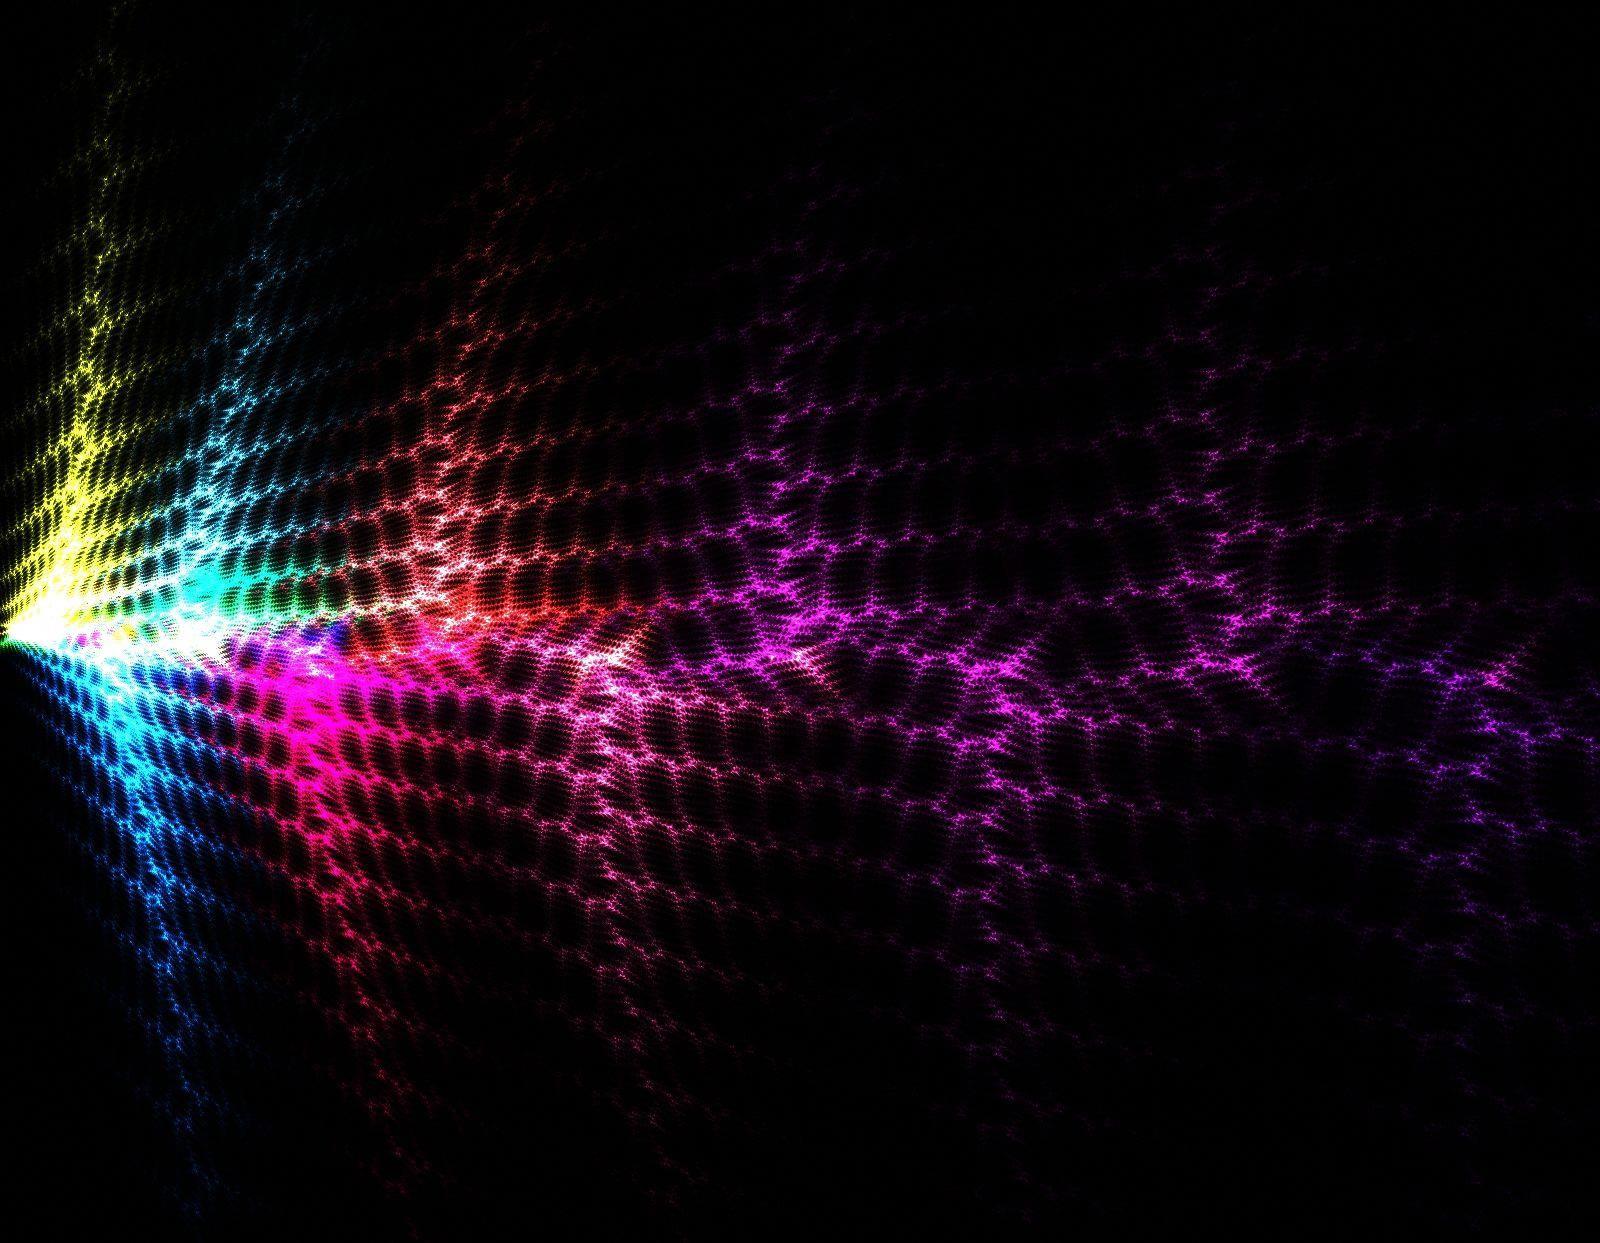 Sound Wave by designsONE Waves